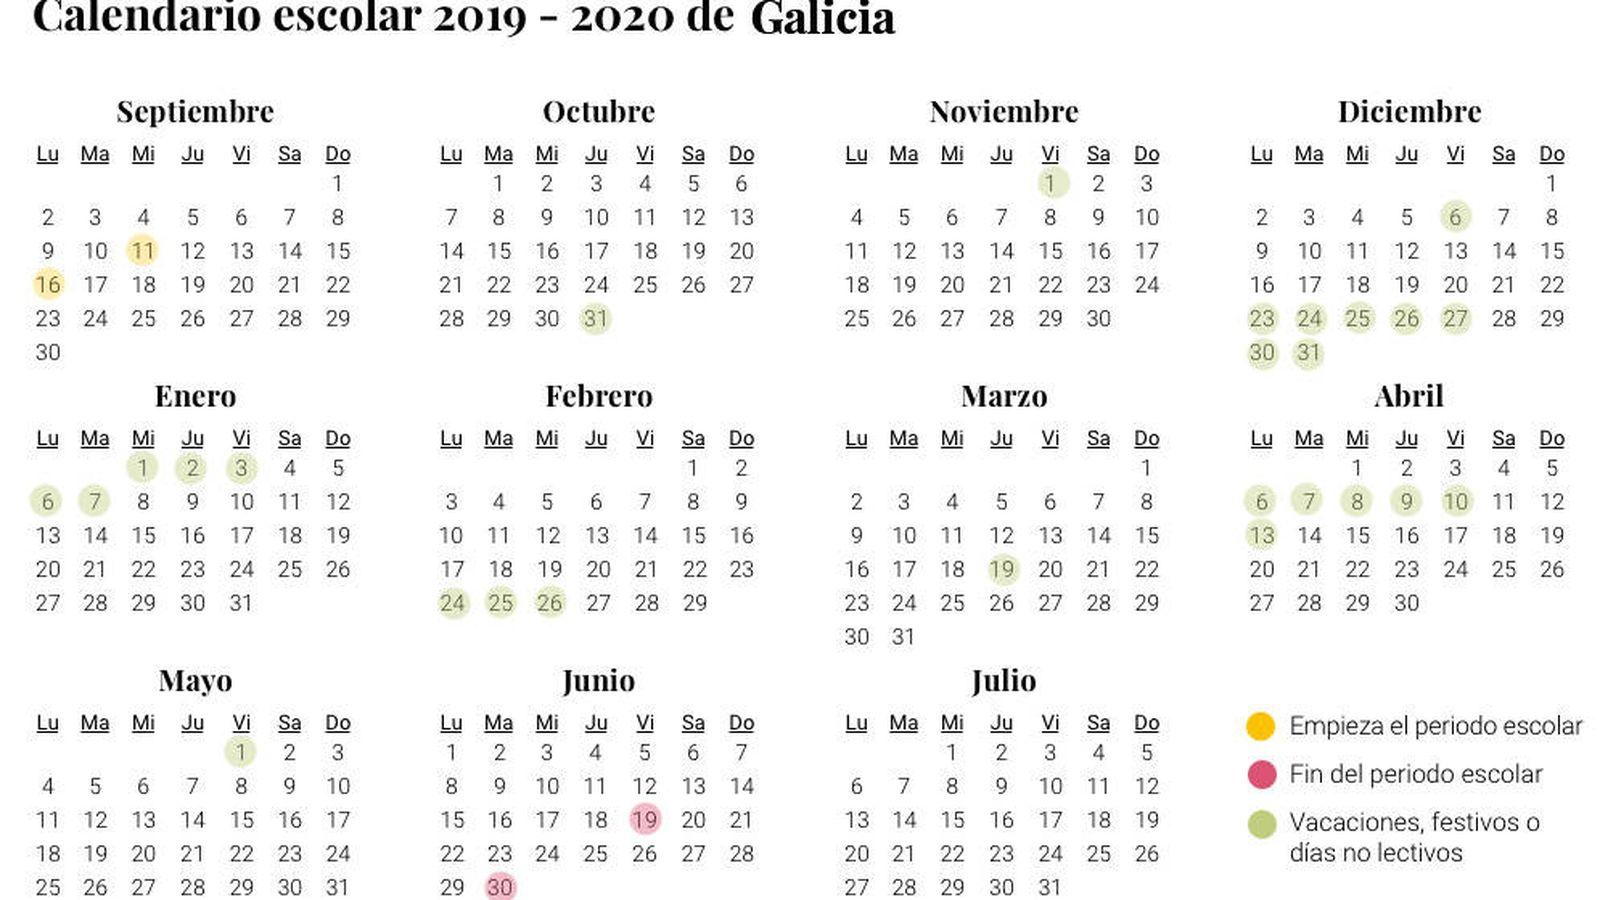 Acb Calendario 2020.Calendario Escolar 2019 2020 En Galicia Vacaciones